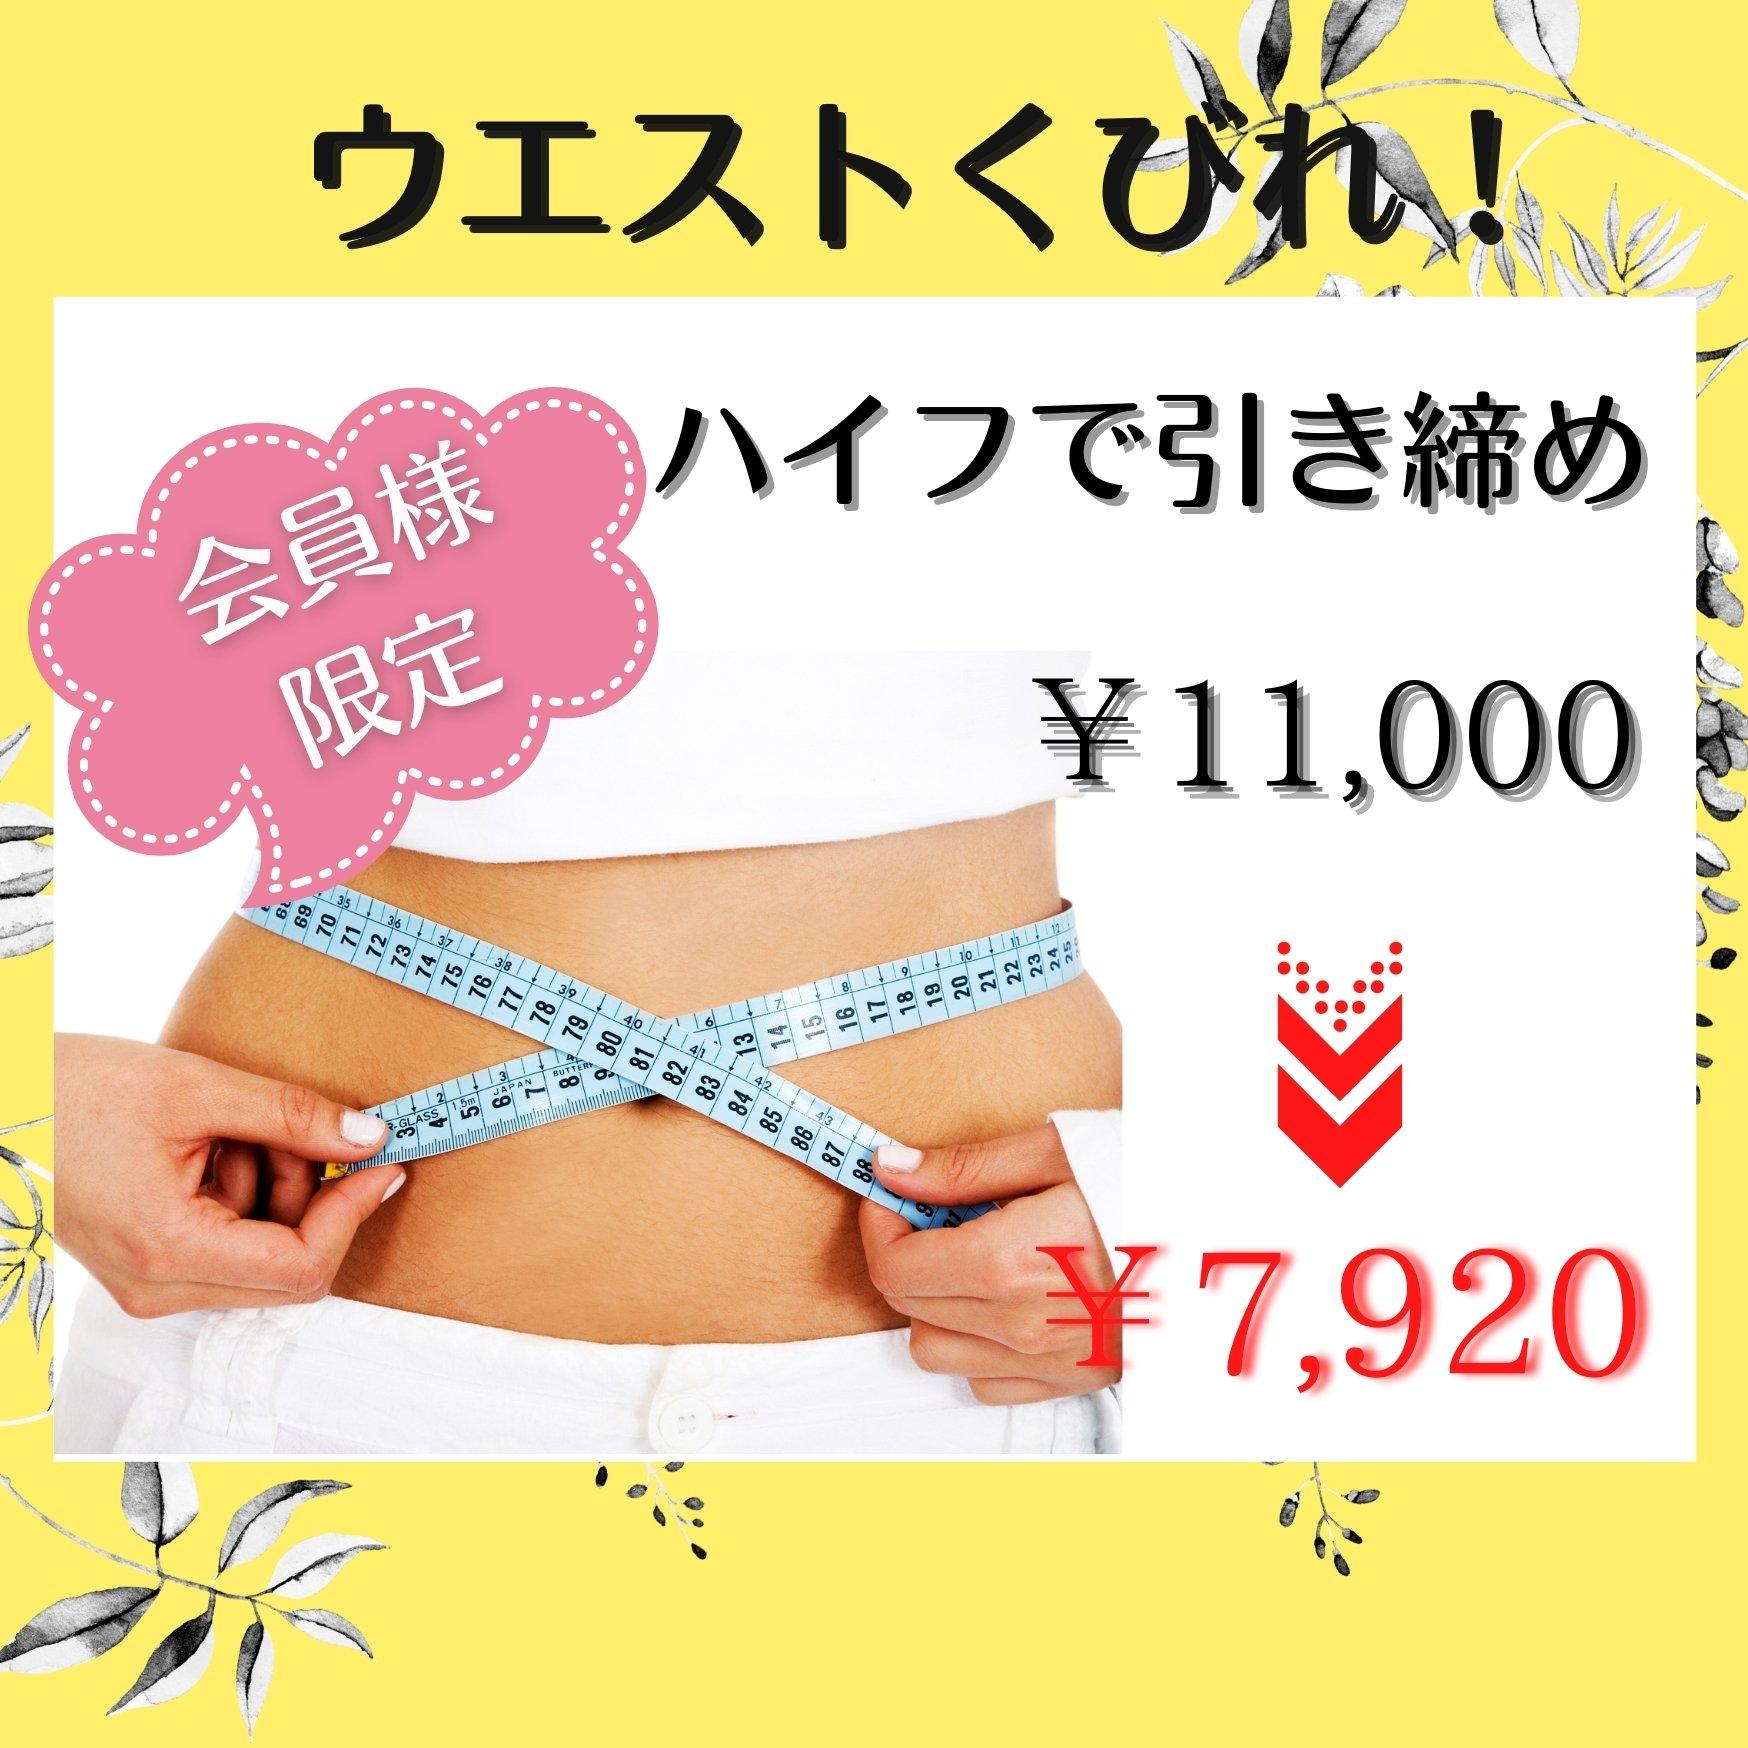 【会員様限定¥7920】ウエストしぼる!夏までにくびれを作る◎3Dハイフで集中アプローチのイメージその1